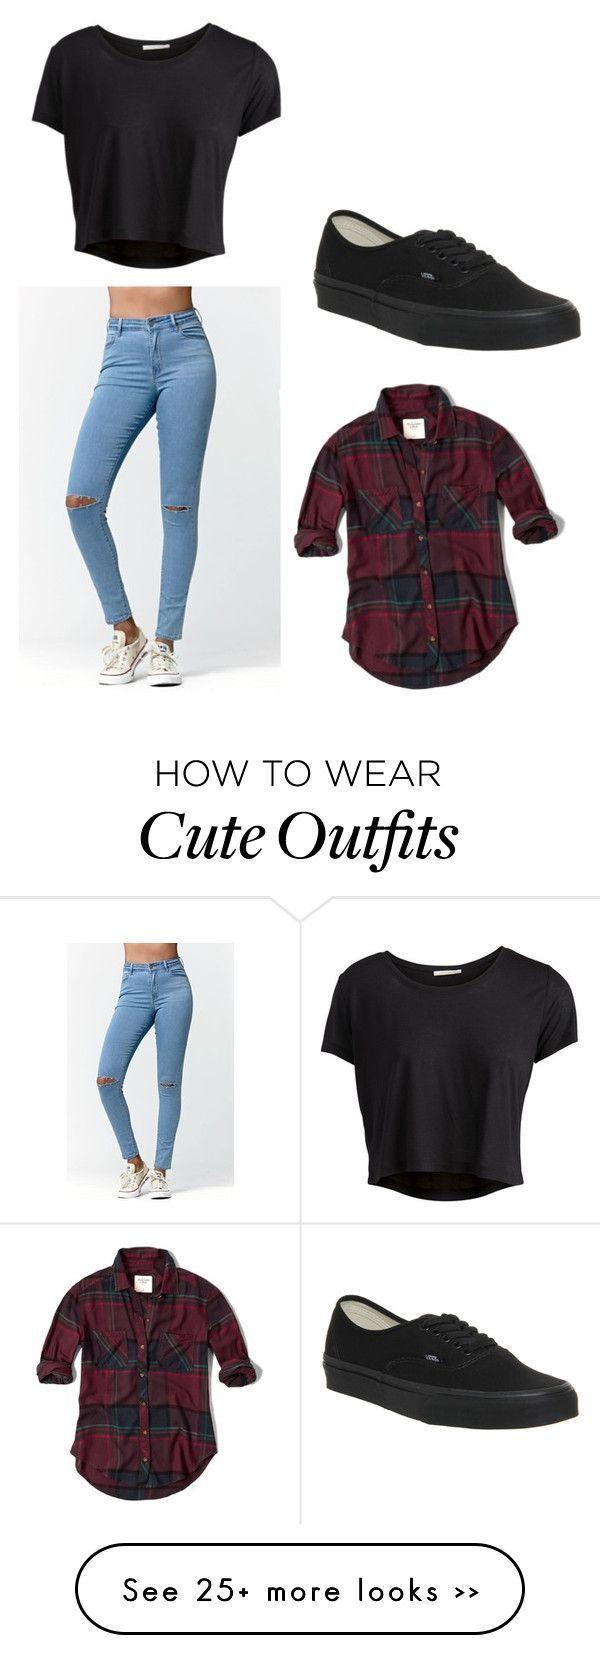 10 Cute & Casual School Outfits   Women's Fashionizer